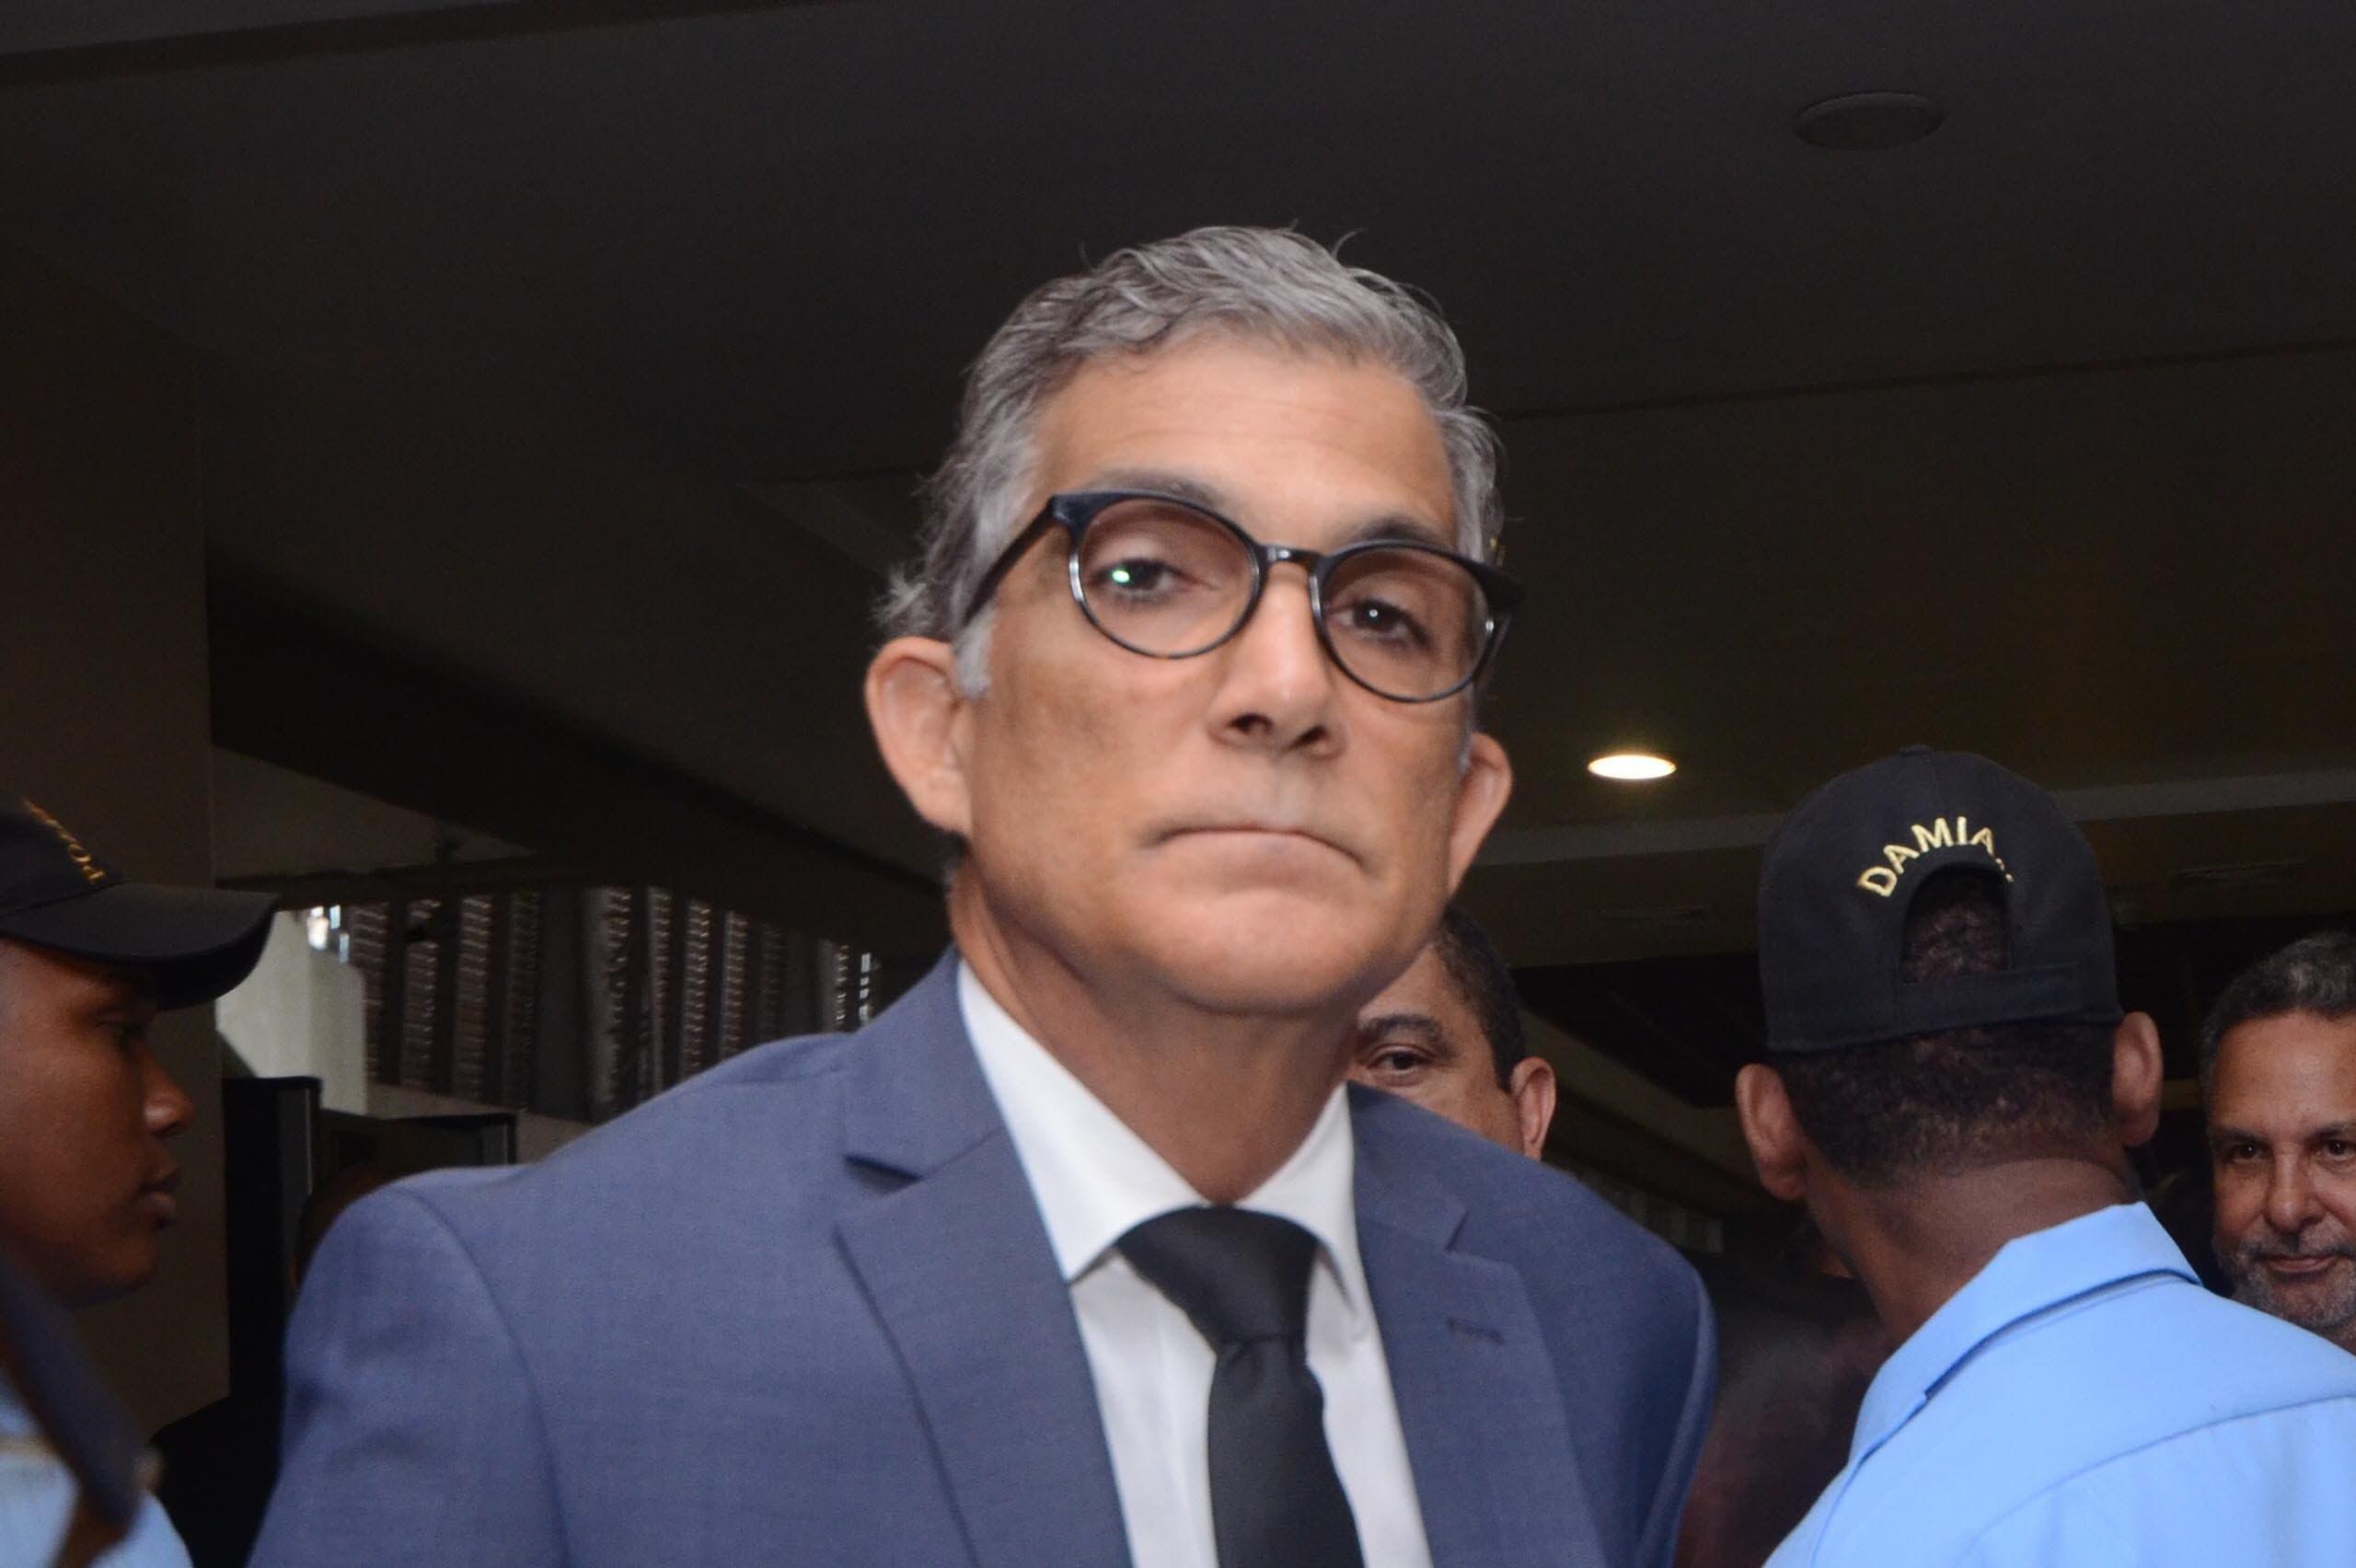 Insiste Pittaluga administró más de RD$100 millones en caso sobornos Odebrecht